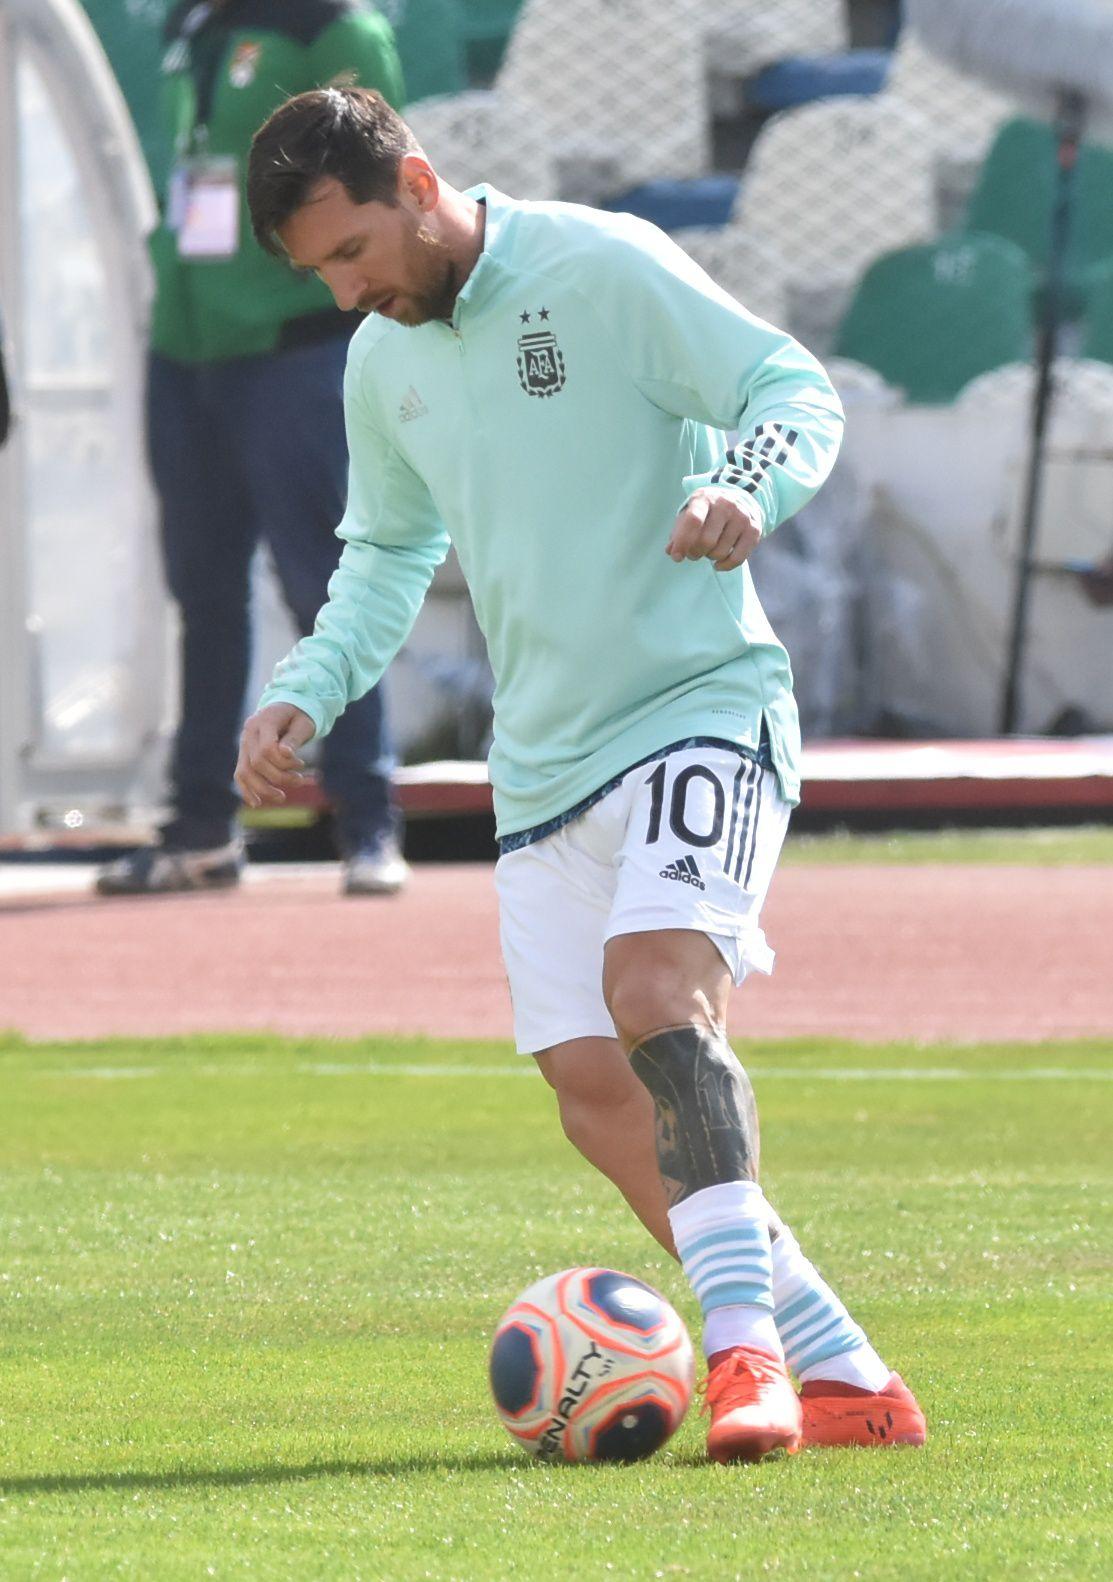 Fue el tercer partido de Messi en la Paz, antes había jugado por las Eliminatorias de 2010 y 2014. Para las de 2018 no estuvo por suspensión